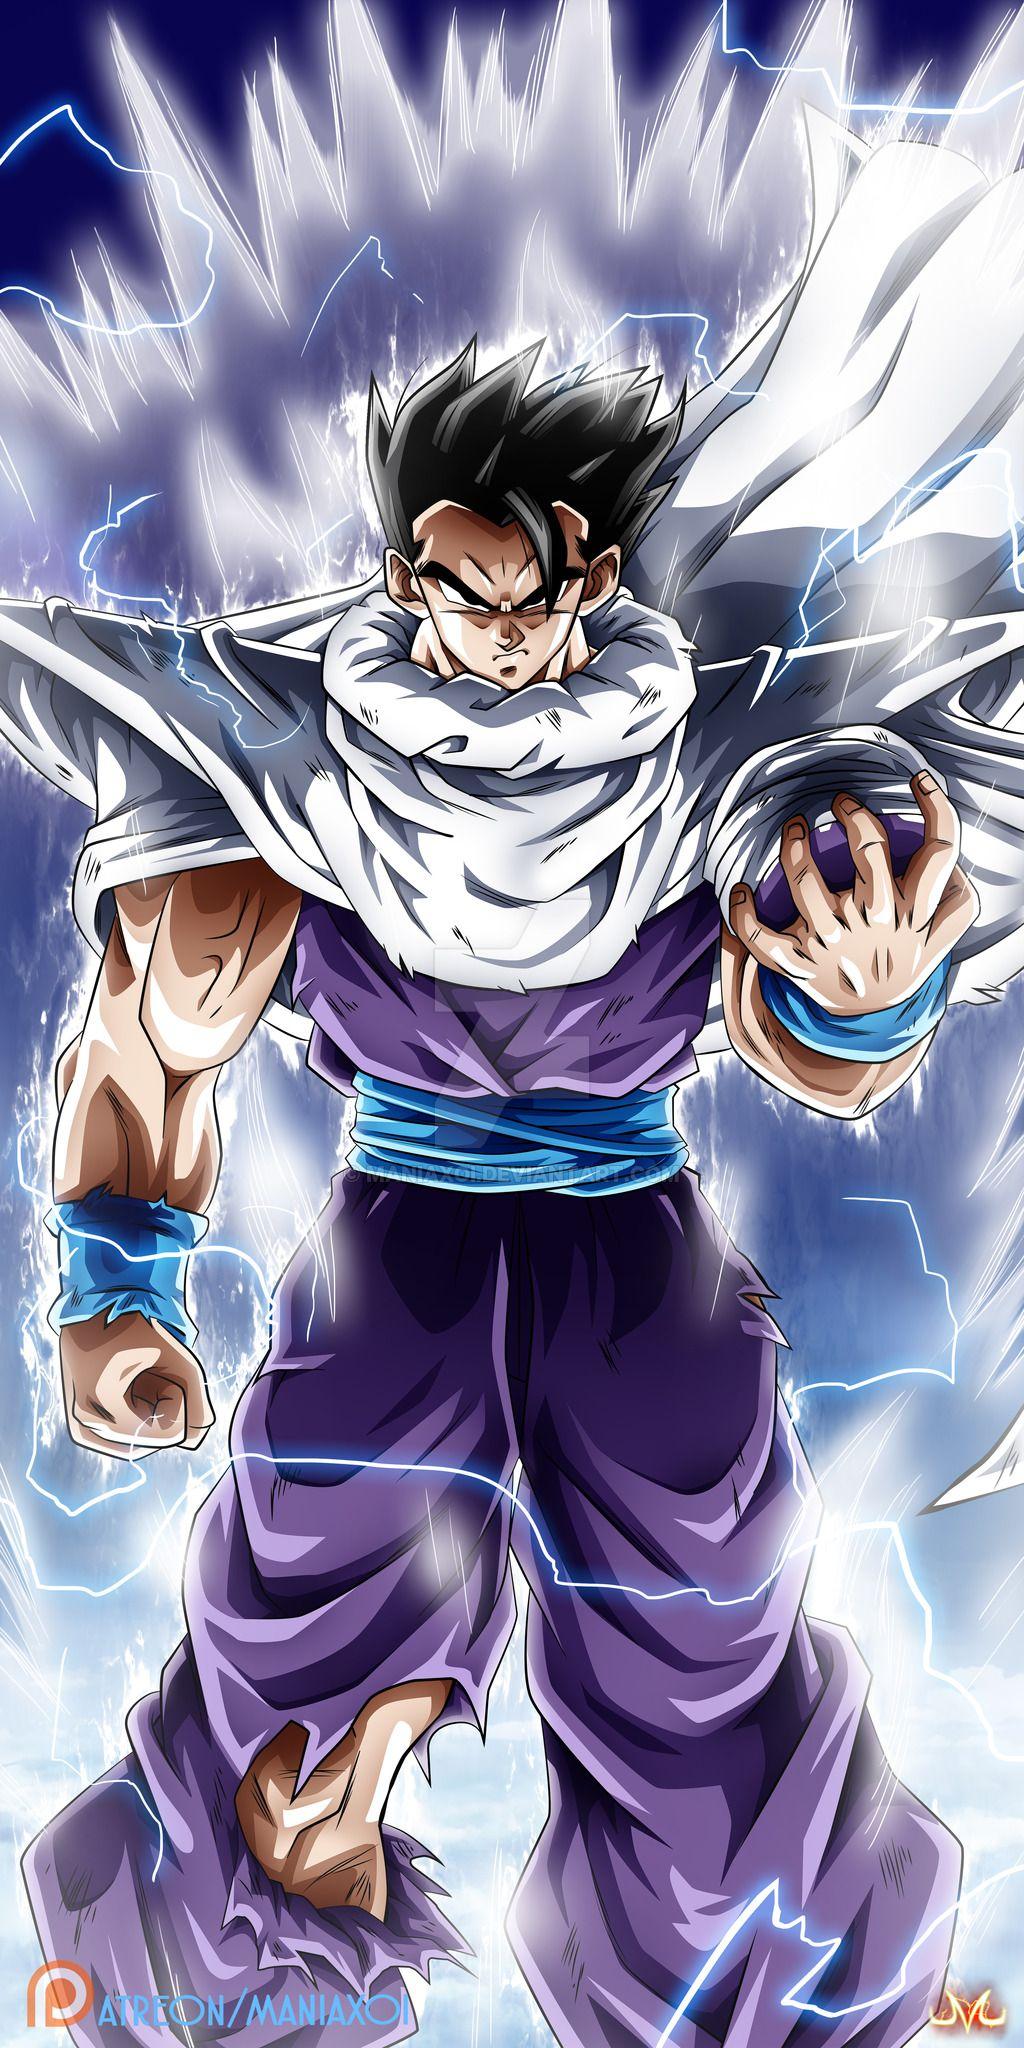 Jrdwvif8k4q01 Png 1080 1920 Anime Dragon Ball Super Dragon Ball Goku Dragon Ball Super Goku